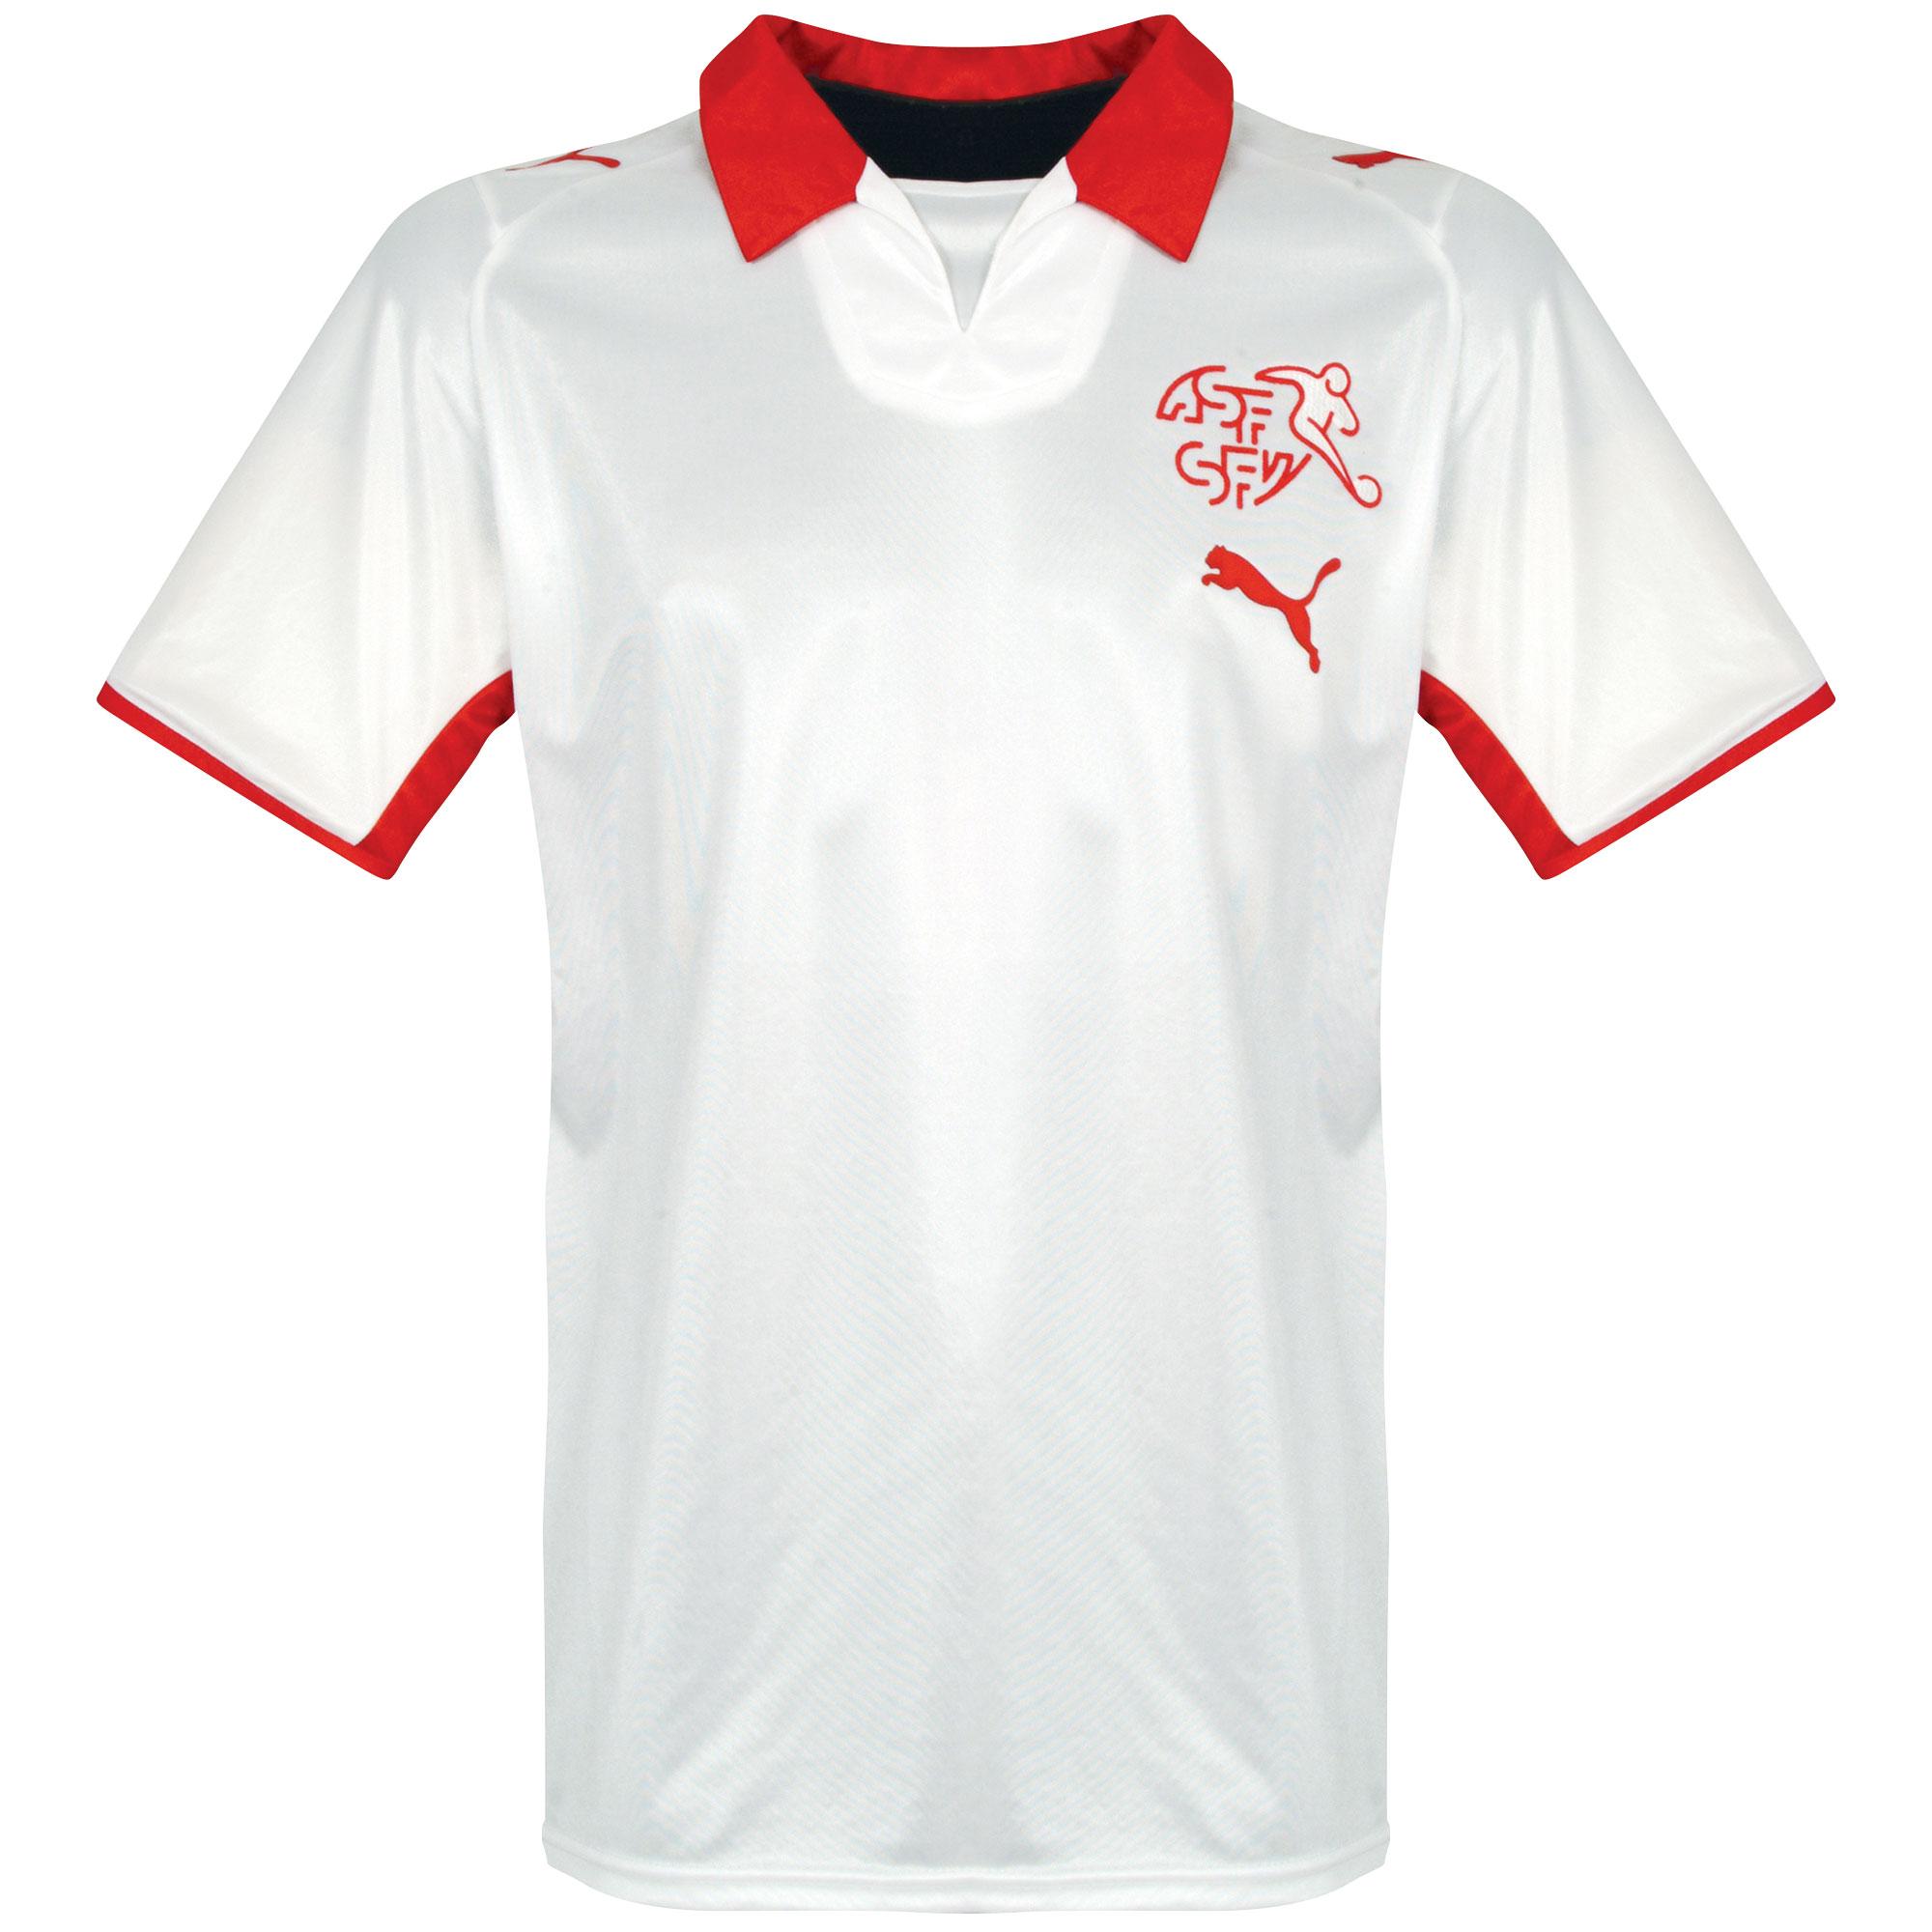 Puma Switzerland Mens SS Away Shirt 2007 Image